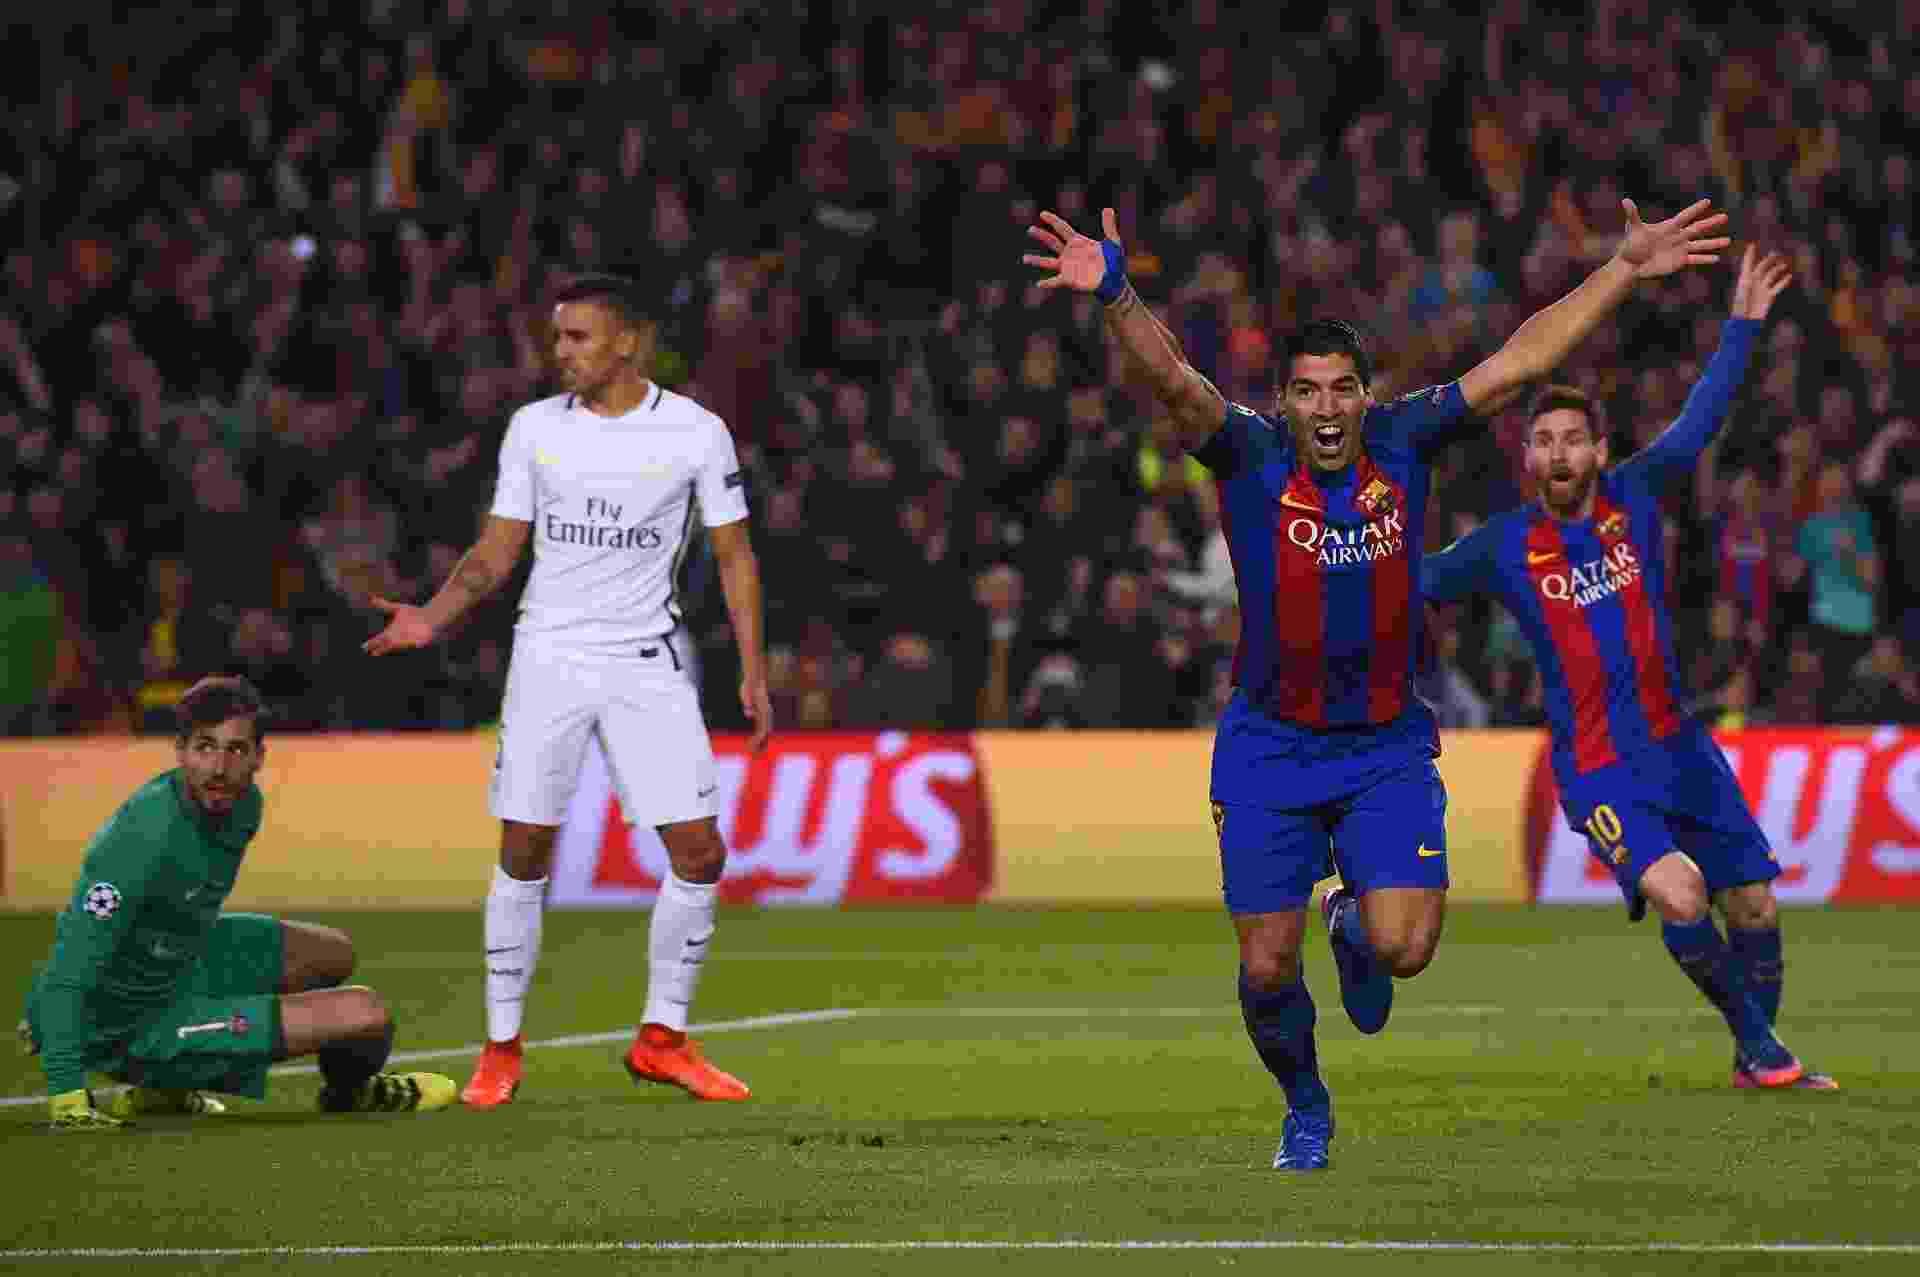 4cd609eb1e Neymar aclamado  mais do que herdeiro de Messi  jornal dá 10 para ...